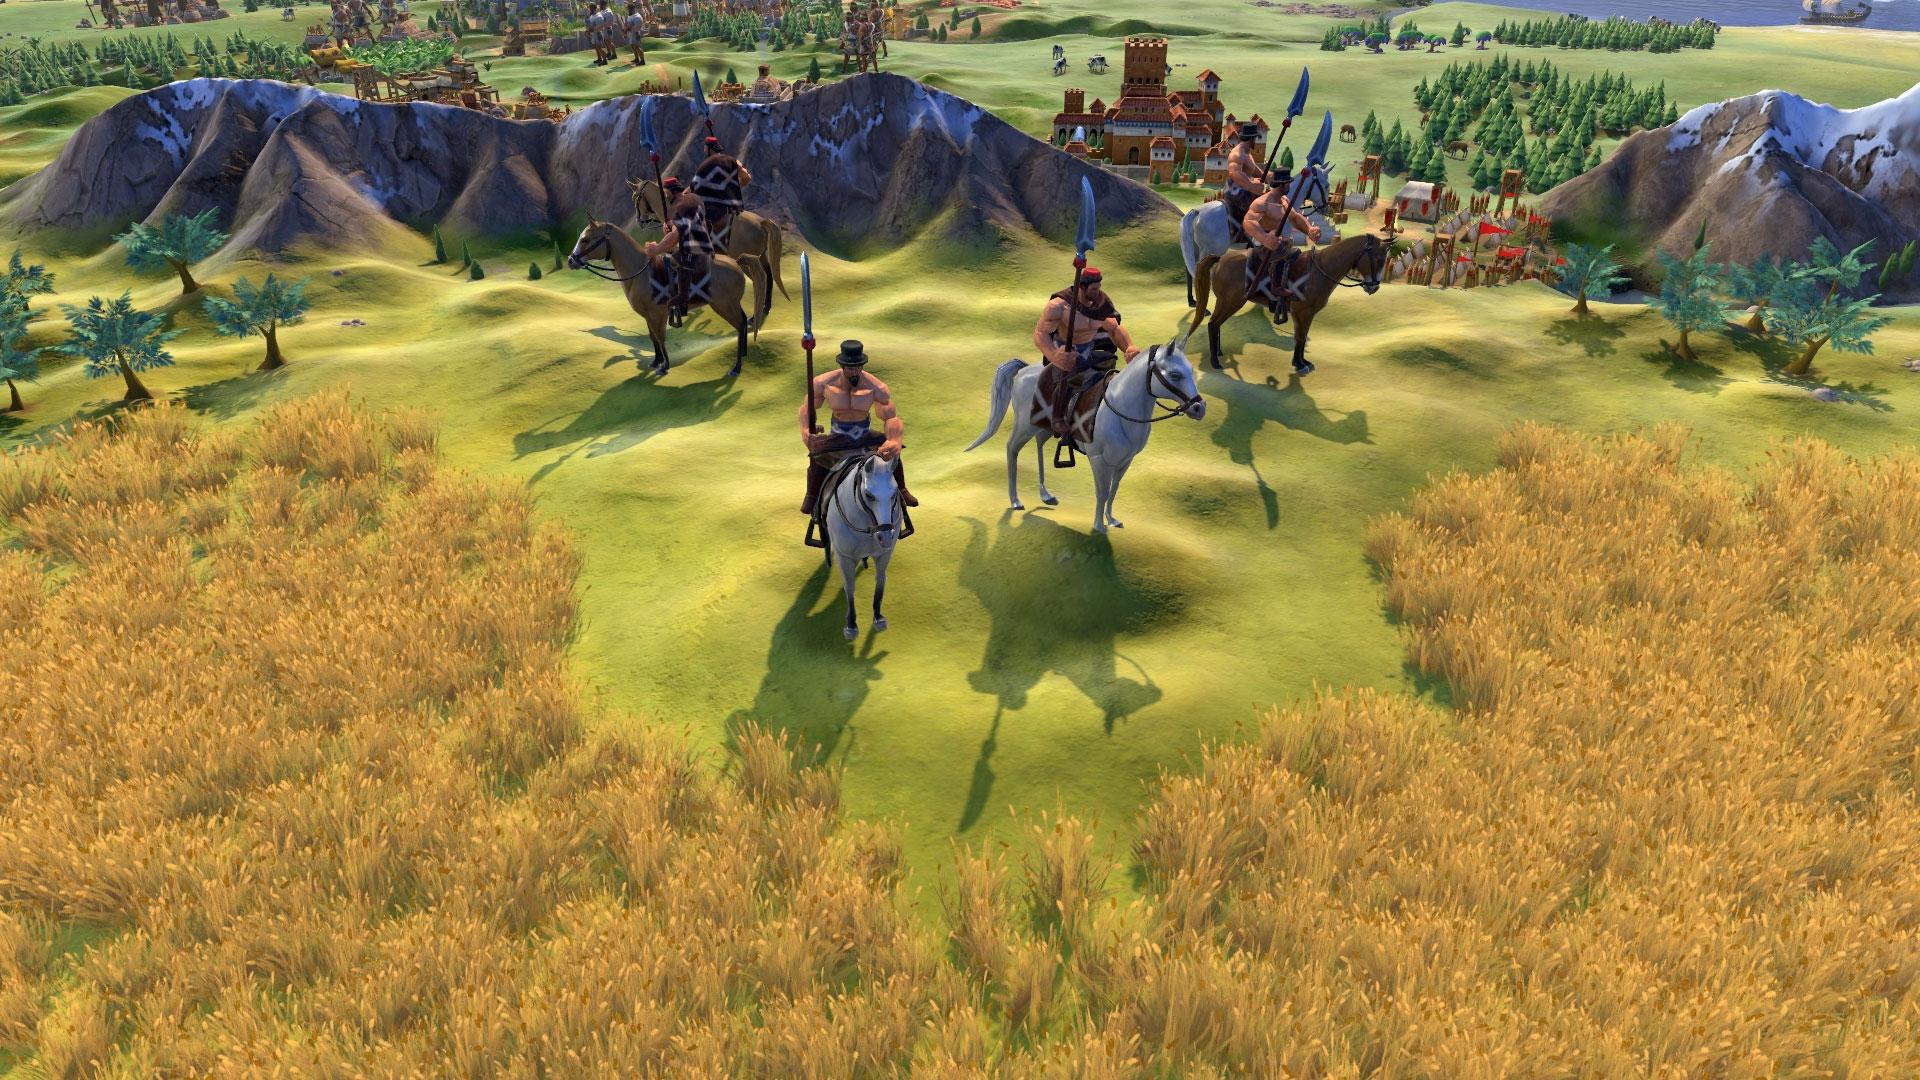 2KGMKT_CivilizationVI-RF_Game-Art_Mapuche_Malon_Raider_4_1.jpg